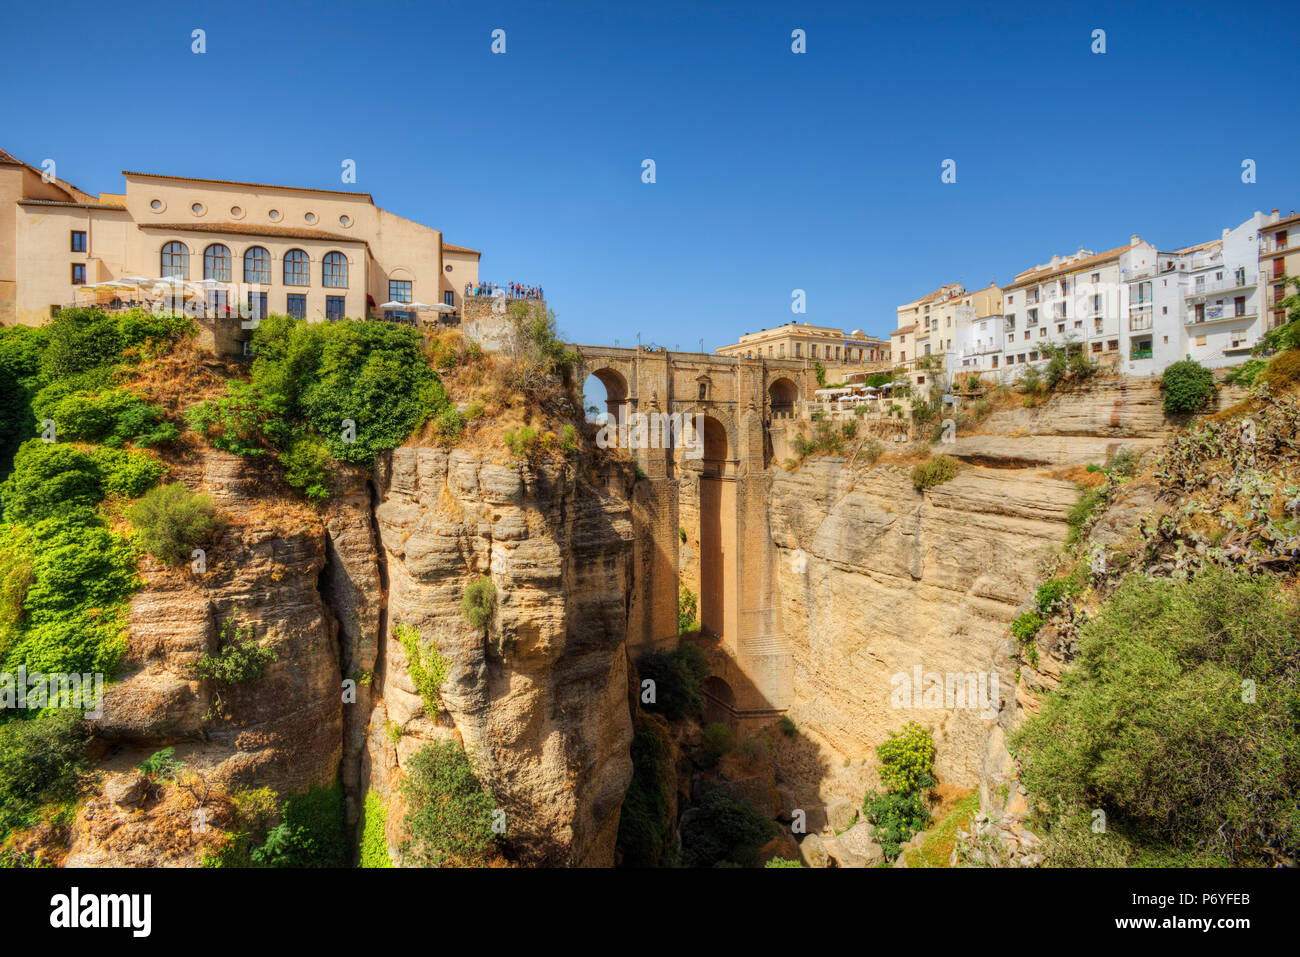 Puente Nuevo Bridge over the Tajo Gorge, Ronda, Andalusia, Spain Stock Photo